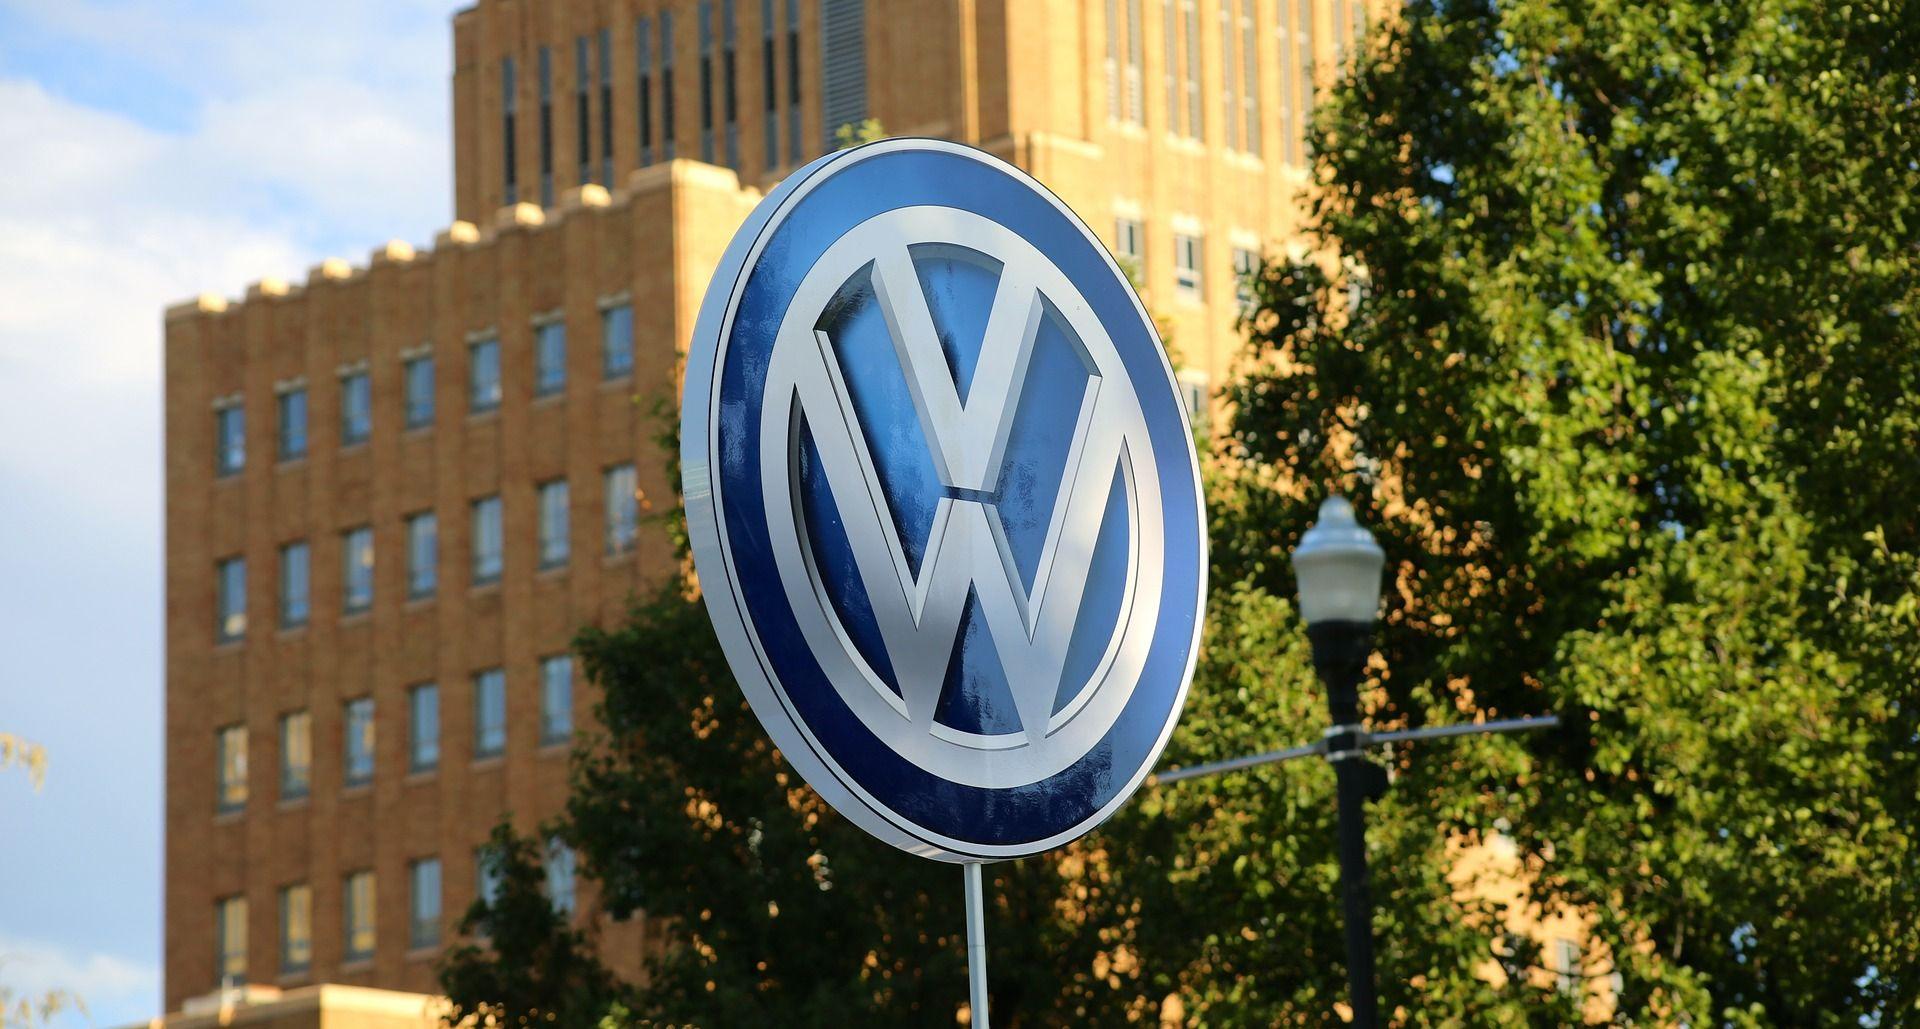 Troškovi VW-a zbog skandala mogli bi premašiti 30 milijardi eura